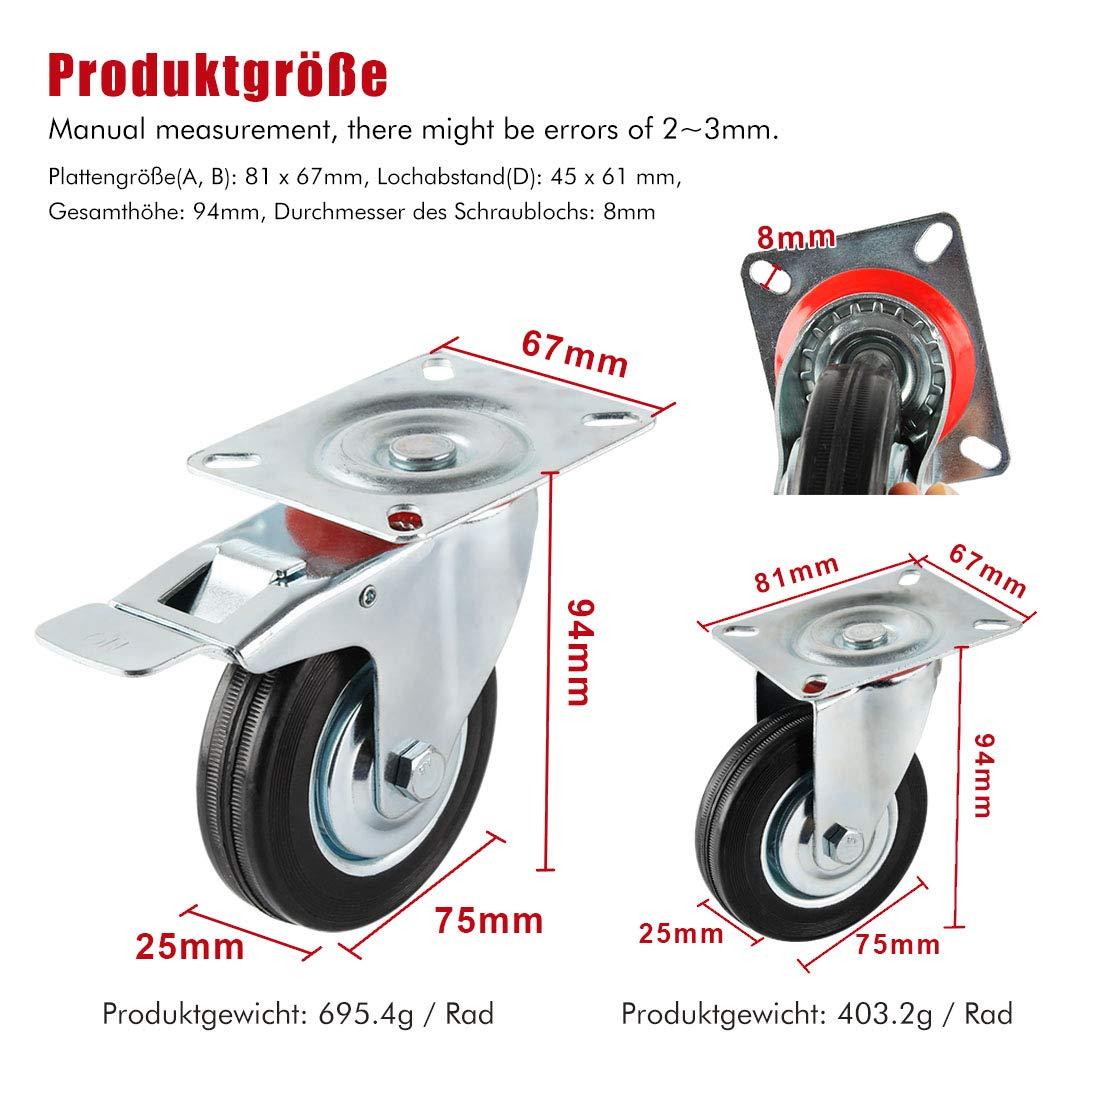 Forever Speed Lote de 4 Ruedas Pivotantes /Ø 75mm Ruedas Giratorias de Transporte Negro para Carritos Muebles Con 2 Freno /& 2 placa de montaje Soportan 50 kg por Rollo